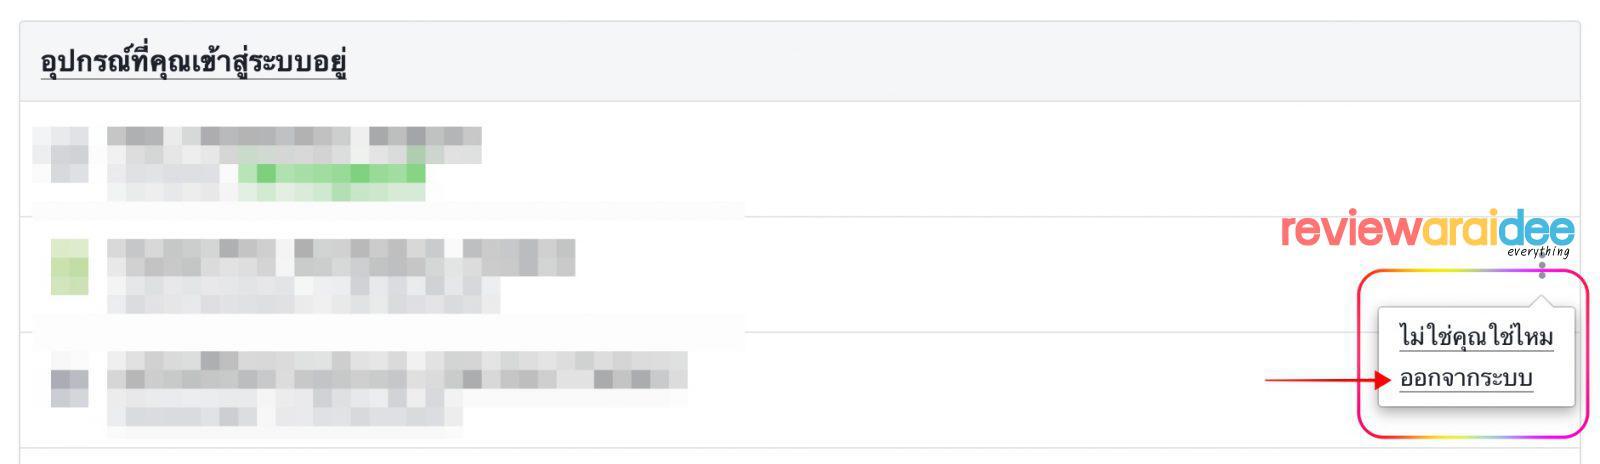 วิธียืนยันตัวตนแบบสองชั้น facebook (เฟซบุ๊ก) (Two-Factor Authentication) ด้วยแอพยืนยันตัวตน (แอพยืนยันตัวตน facebook)